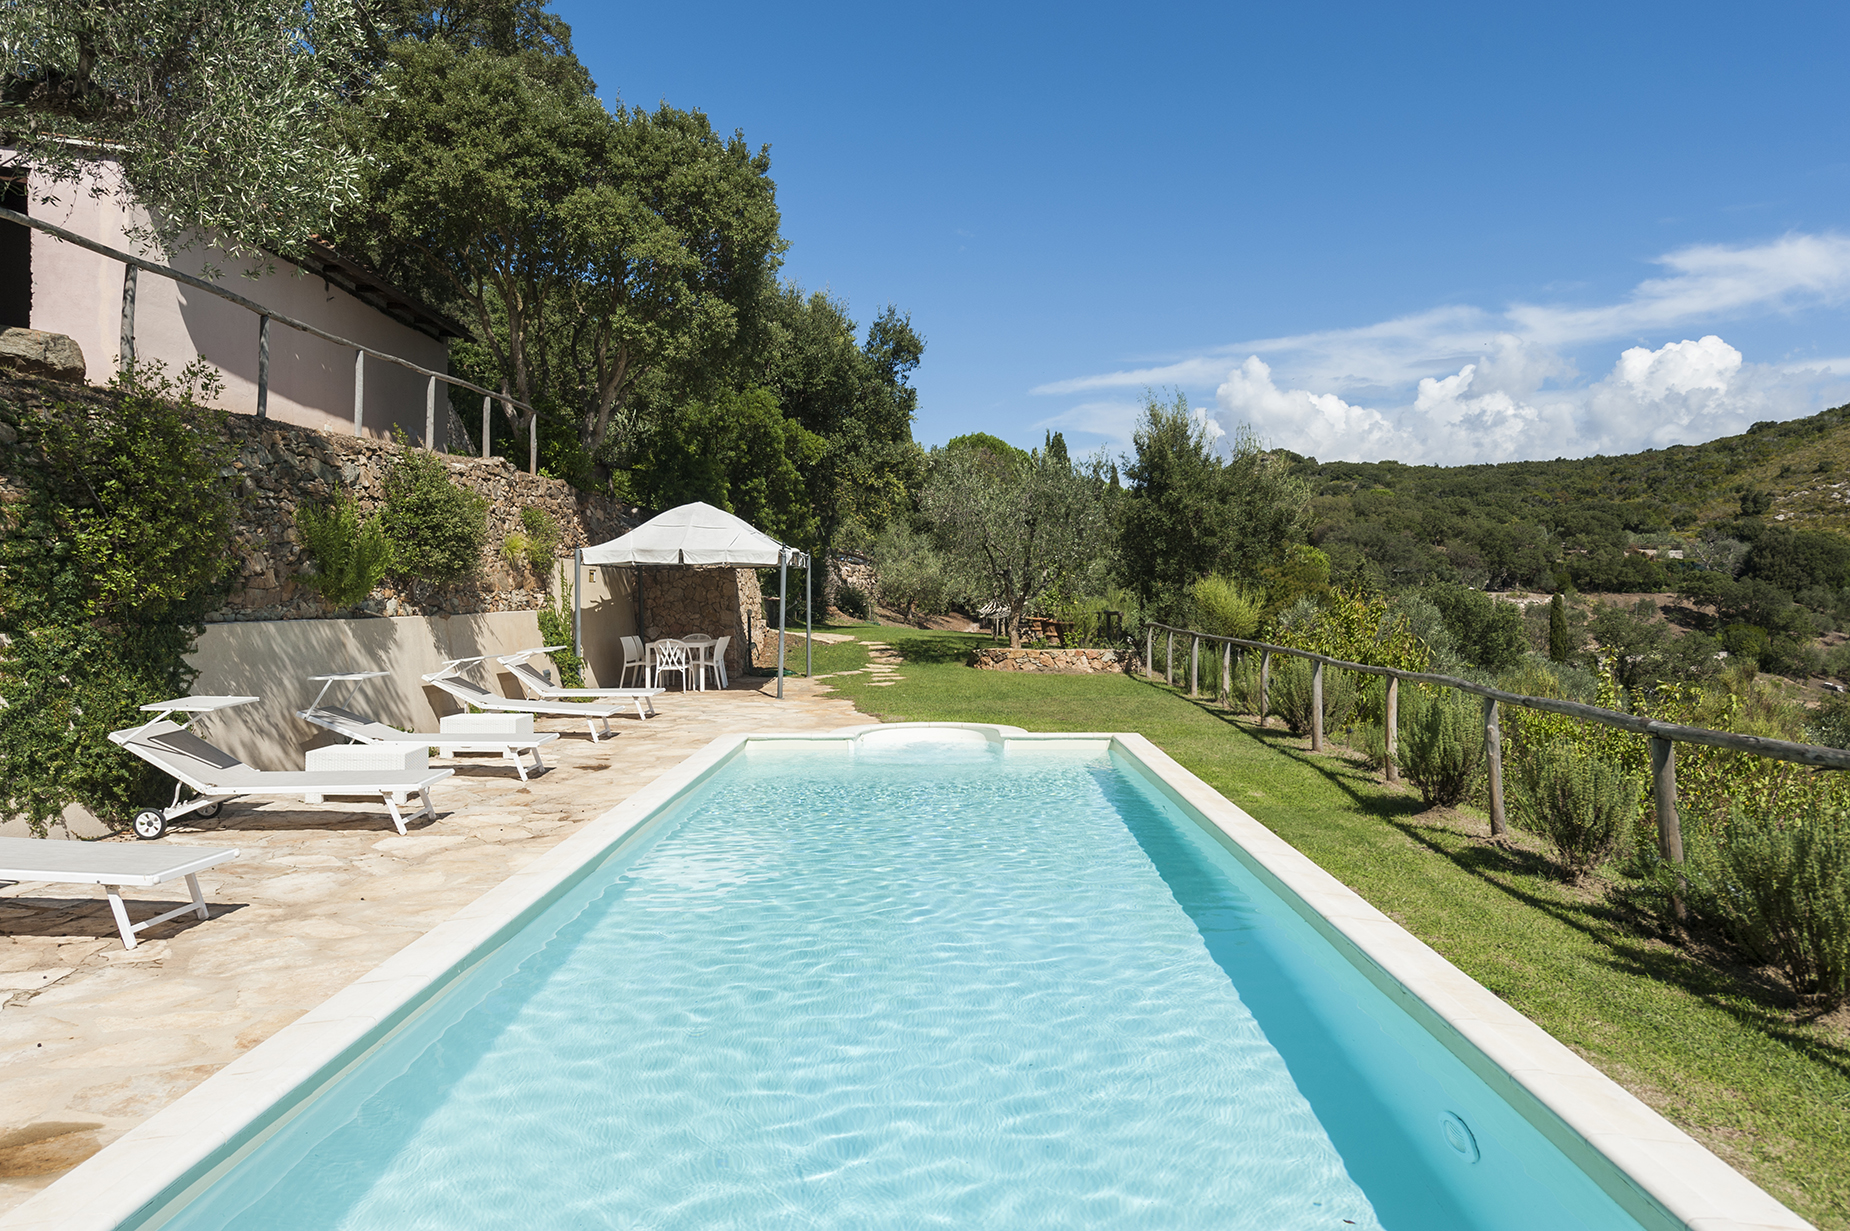 Villa in Vendita a Monte Argentario: 5 locali, 400 mq - Foto 4